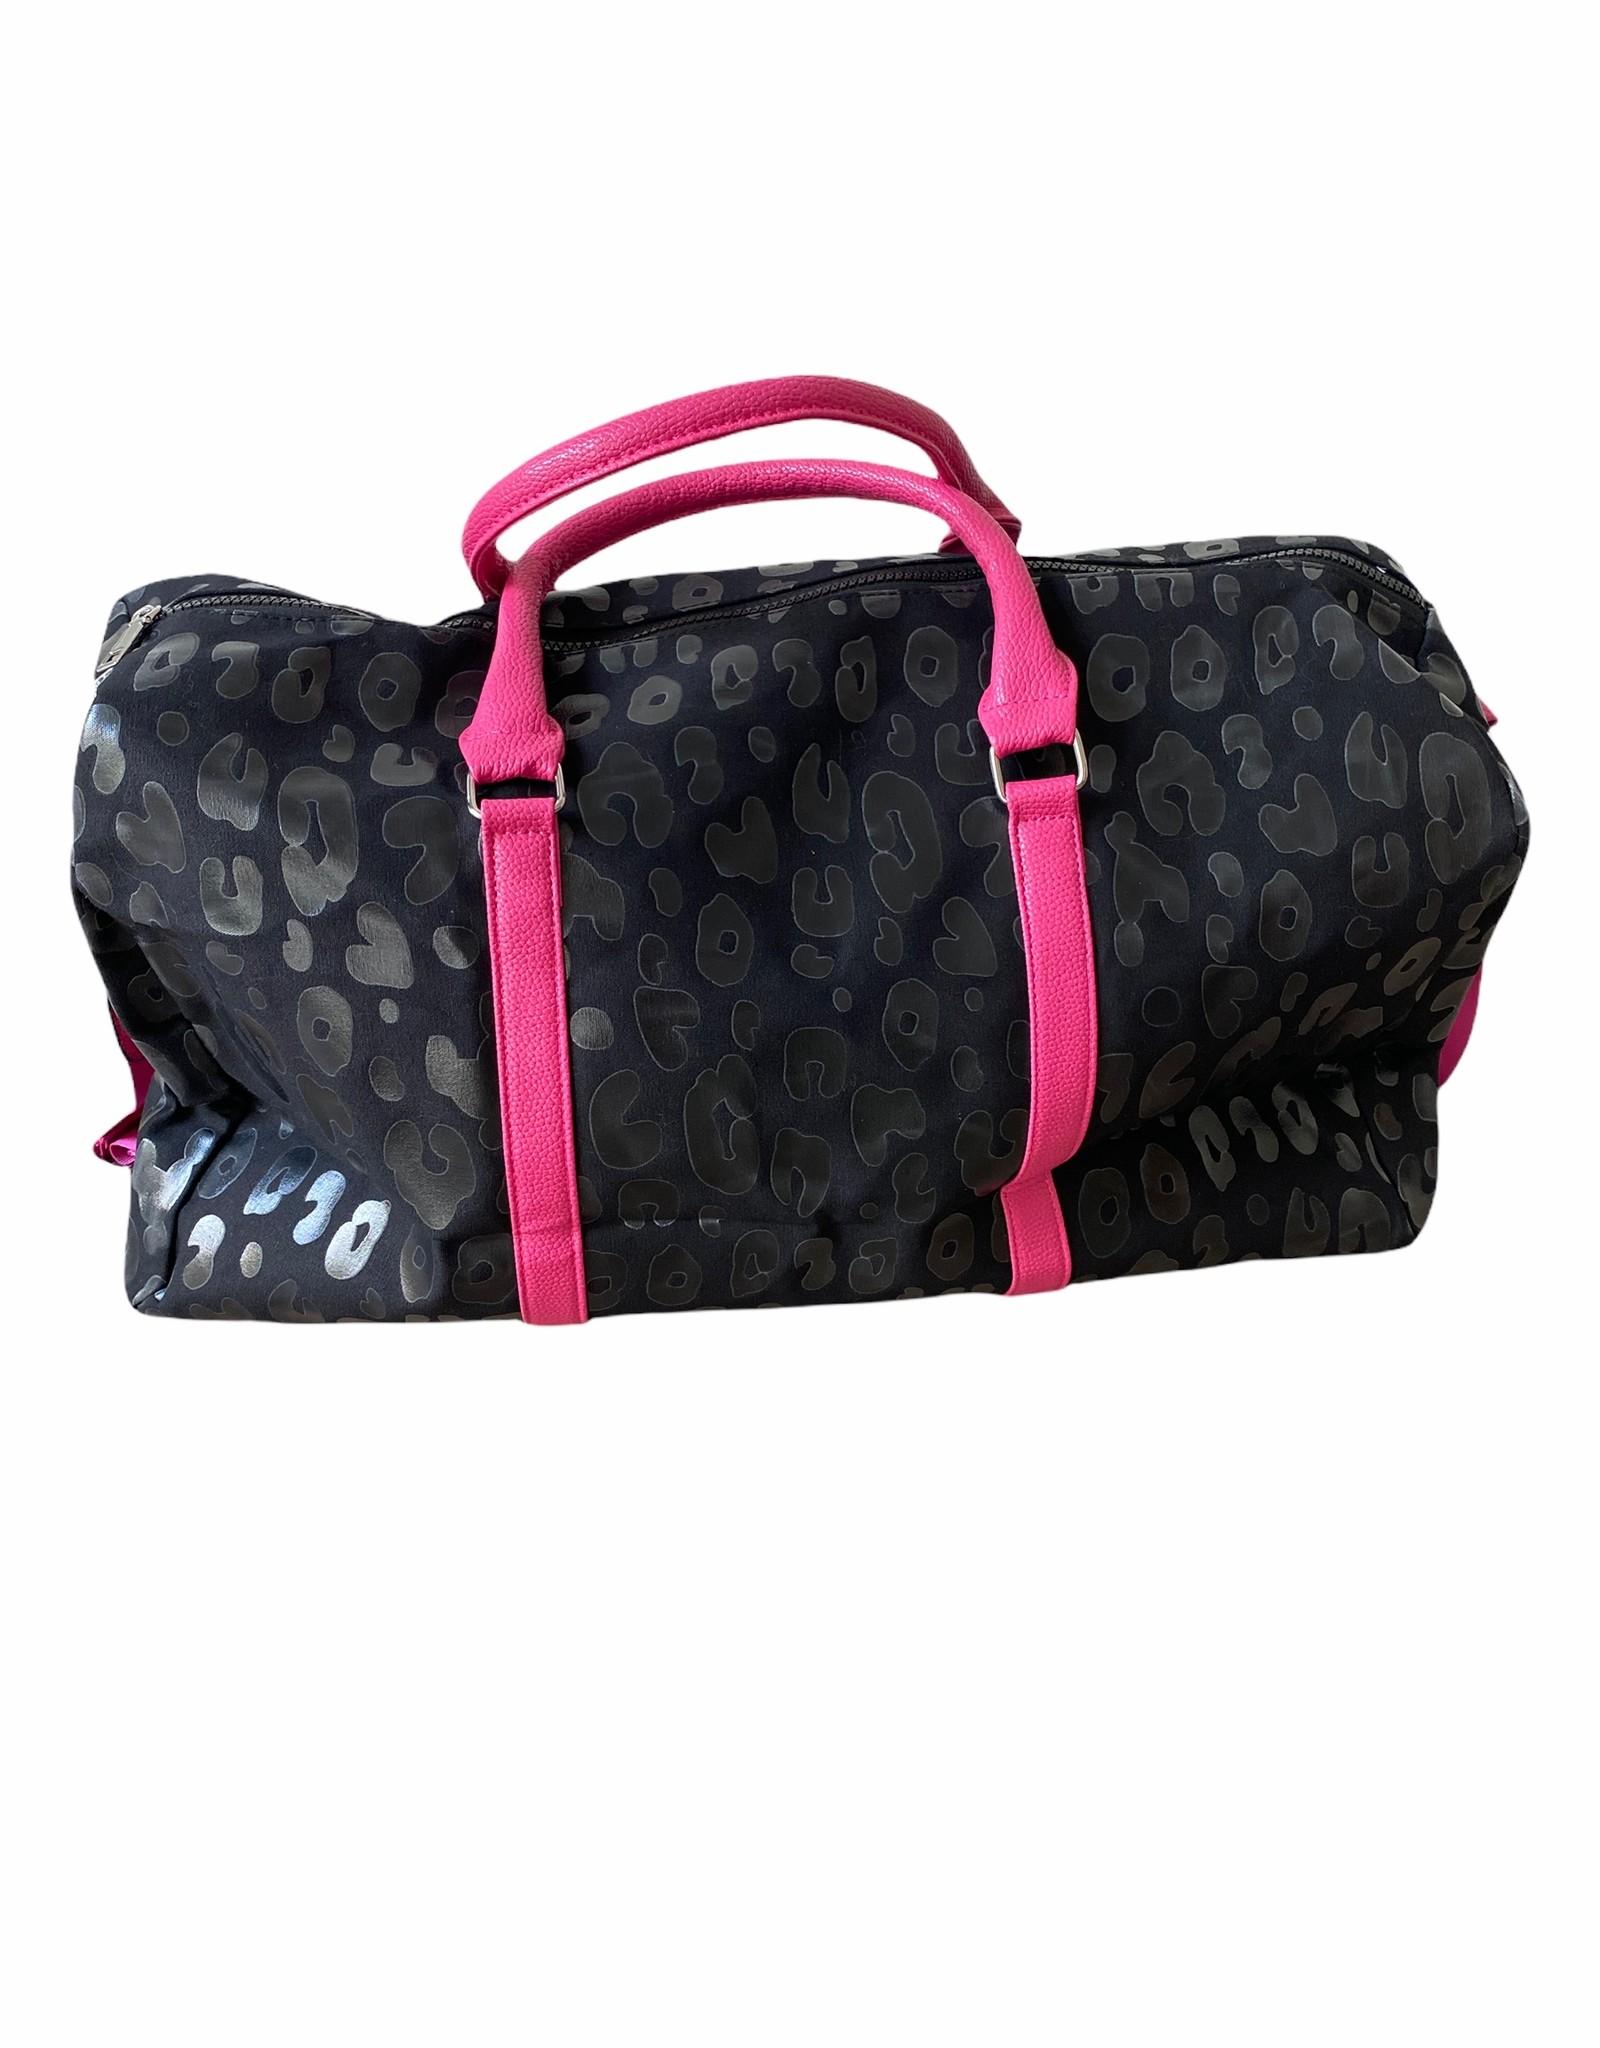 Duffelbag in black panter fabric.